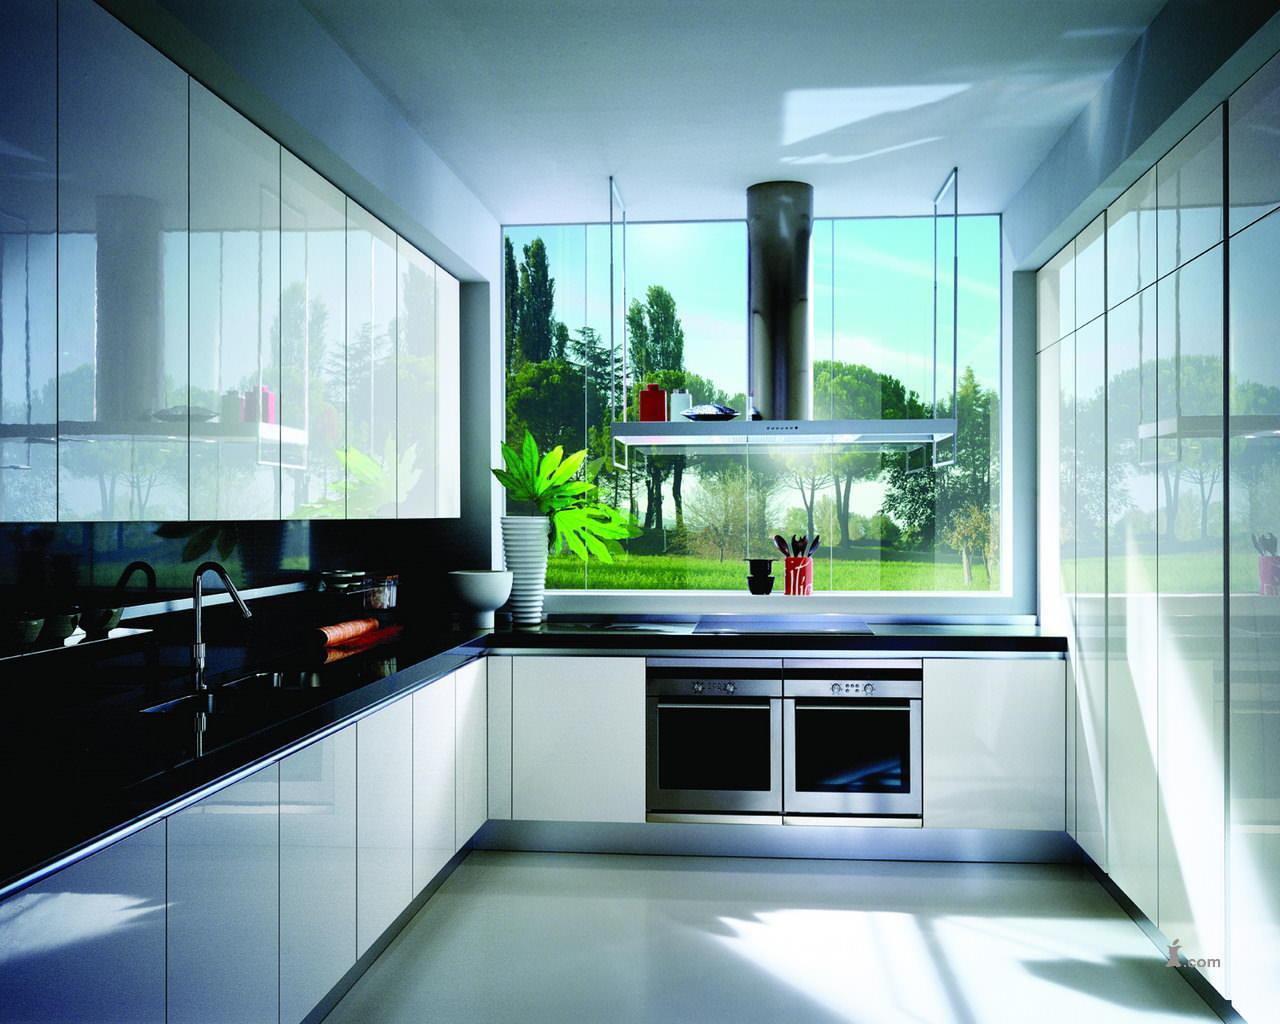 Как правило, в современном дизайне кухни, будь то модерн или хай-тек, используют привычный контраст черного-белого